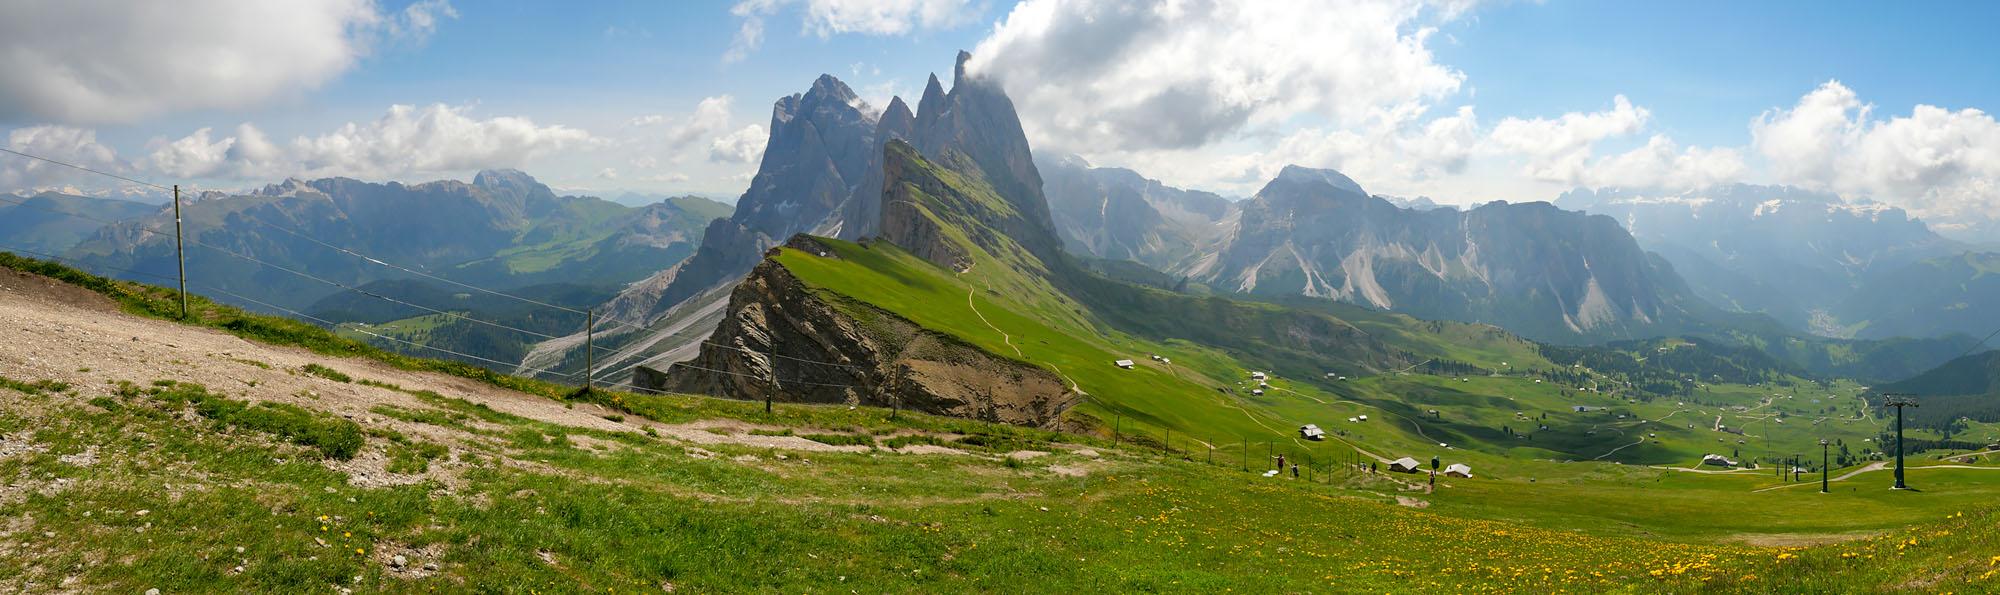 Panoramique Seceda road trip Dolomites Italie